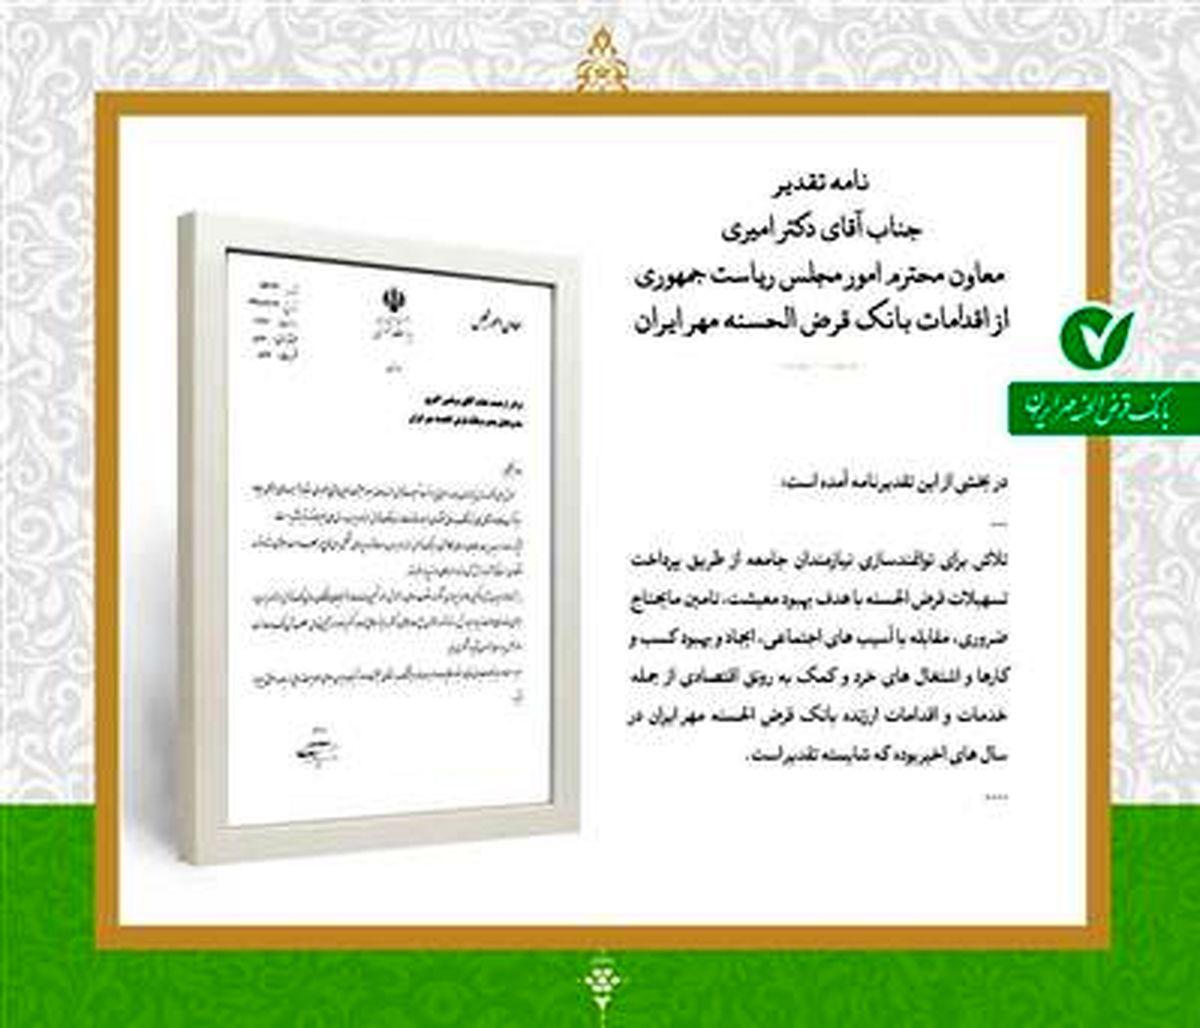 تقدیر معاون امور مجلس رییس جمهور از اقدامات بانک قرض الحسنه مهر ایران